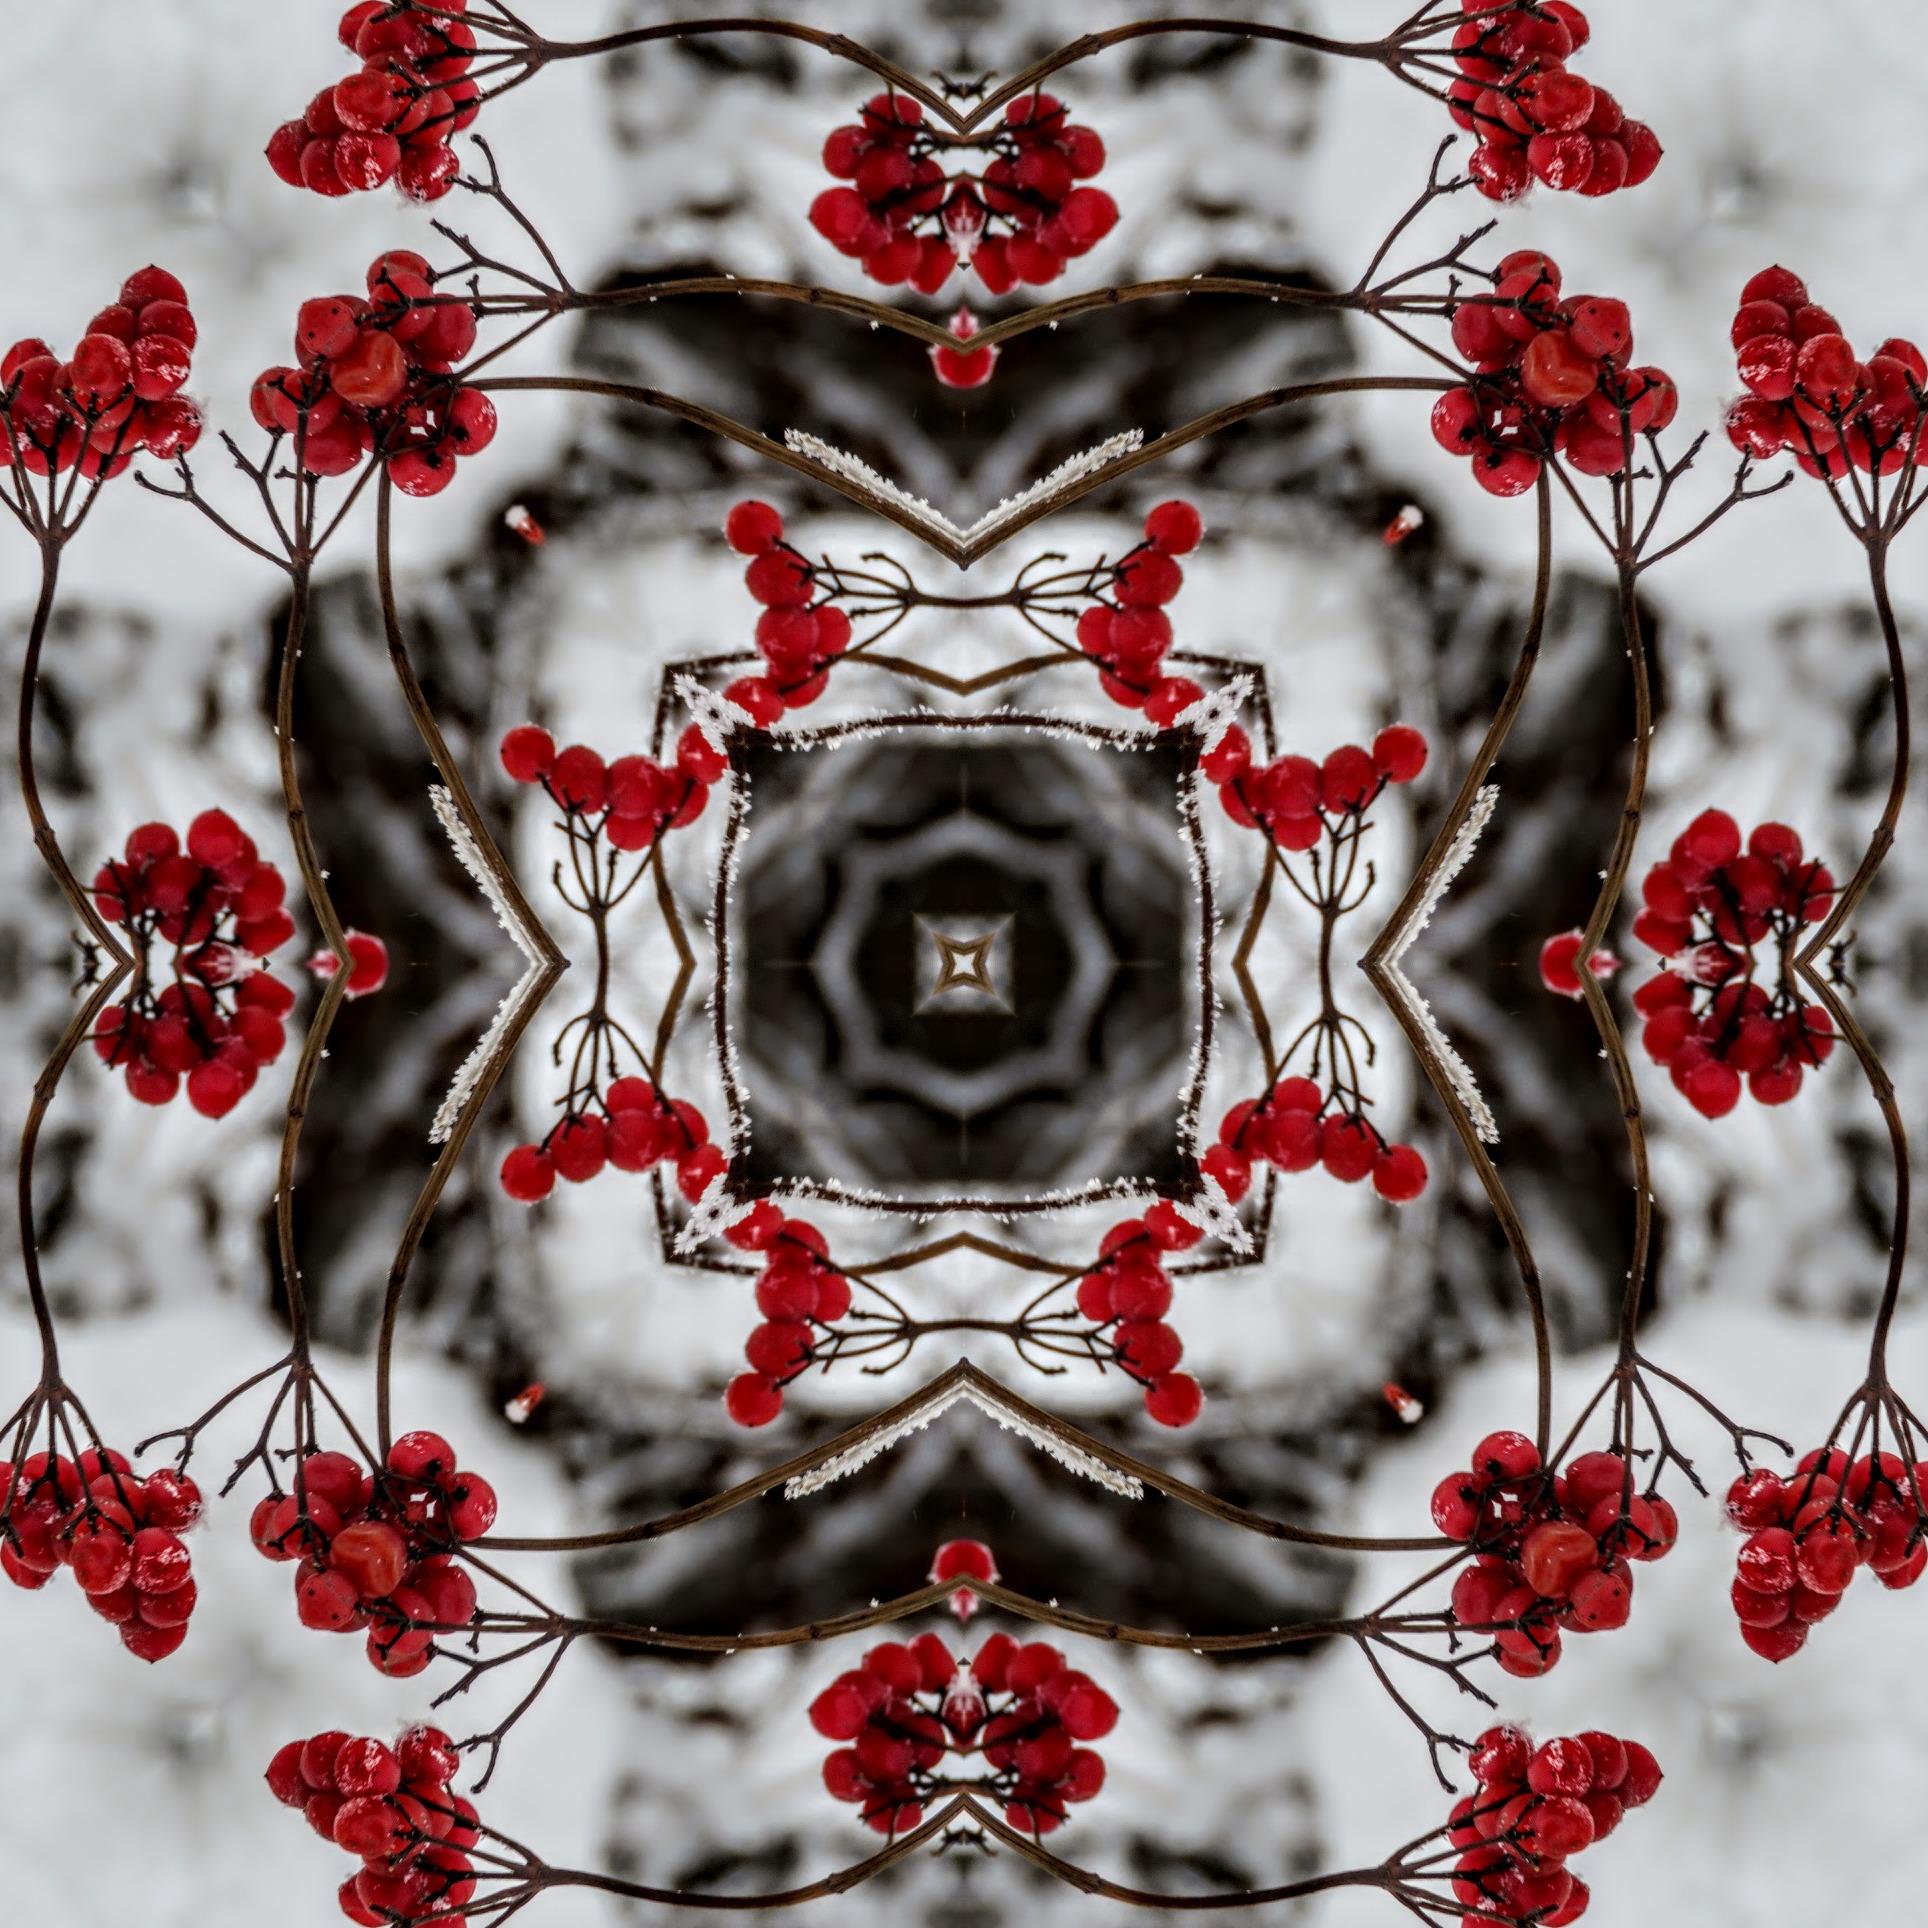 imgonline com ua Kaleidoscope 4qGXWGaNoK1